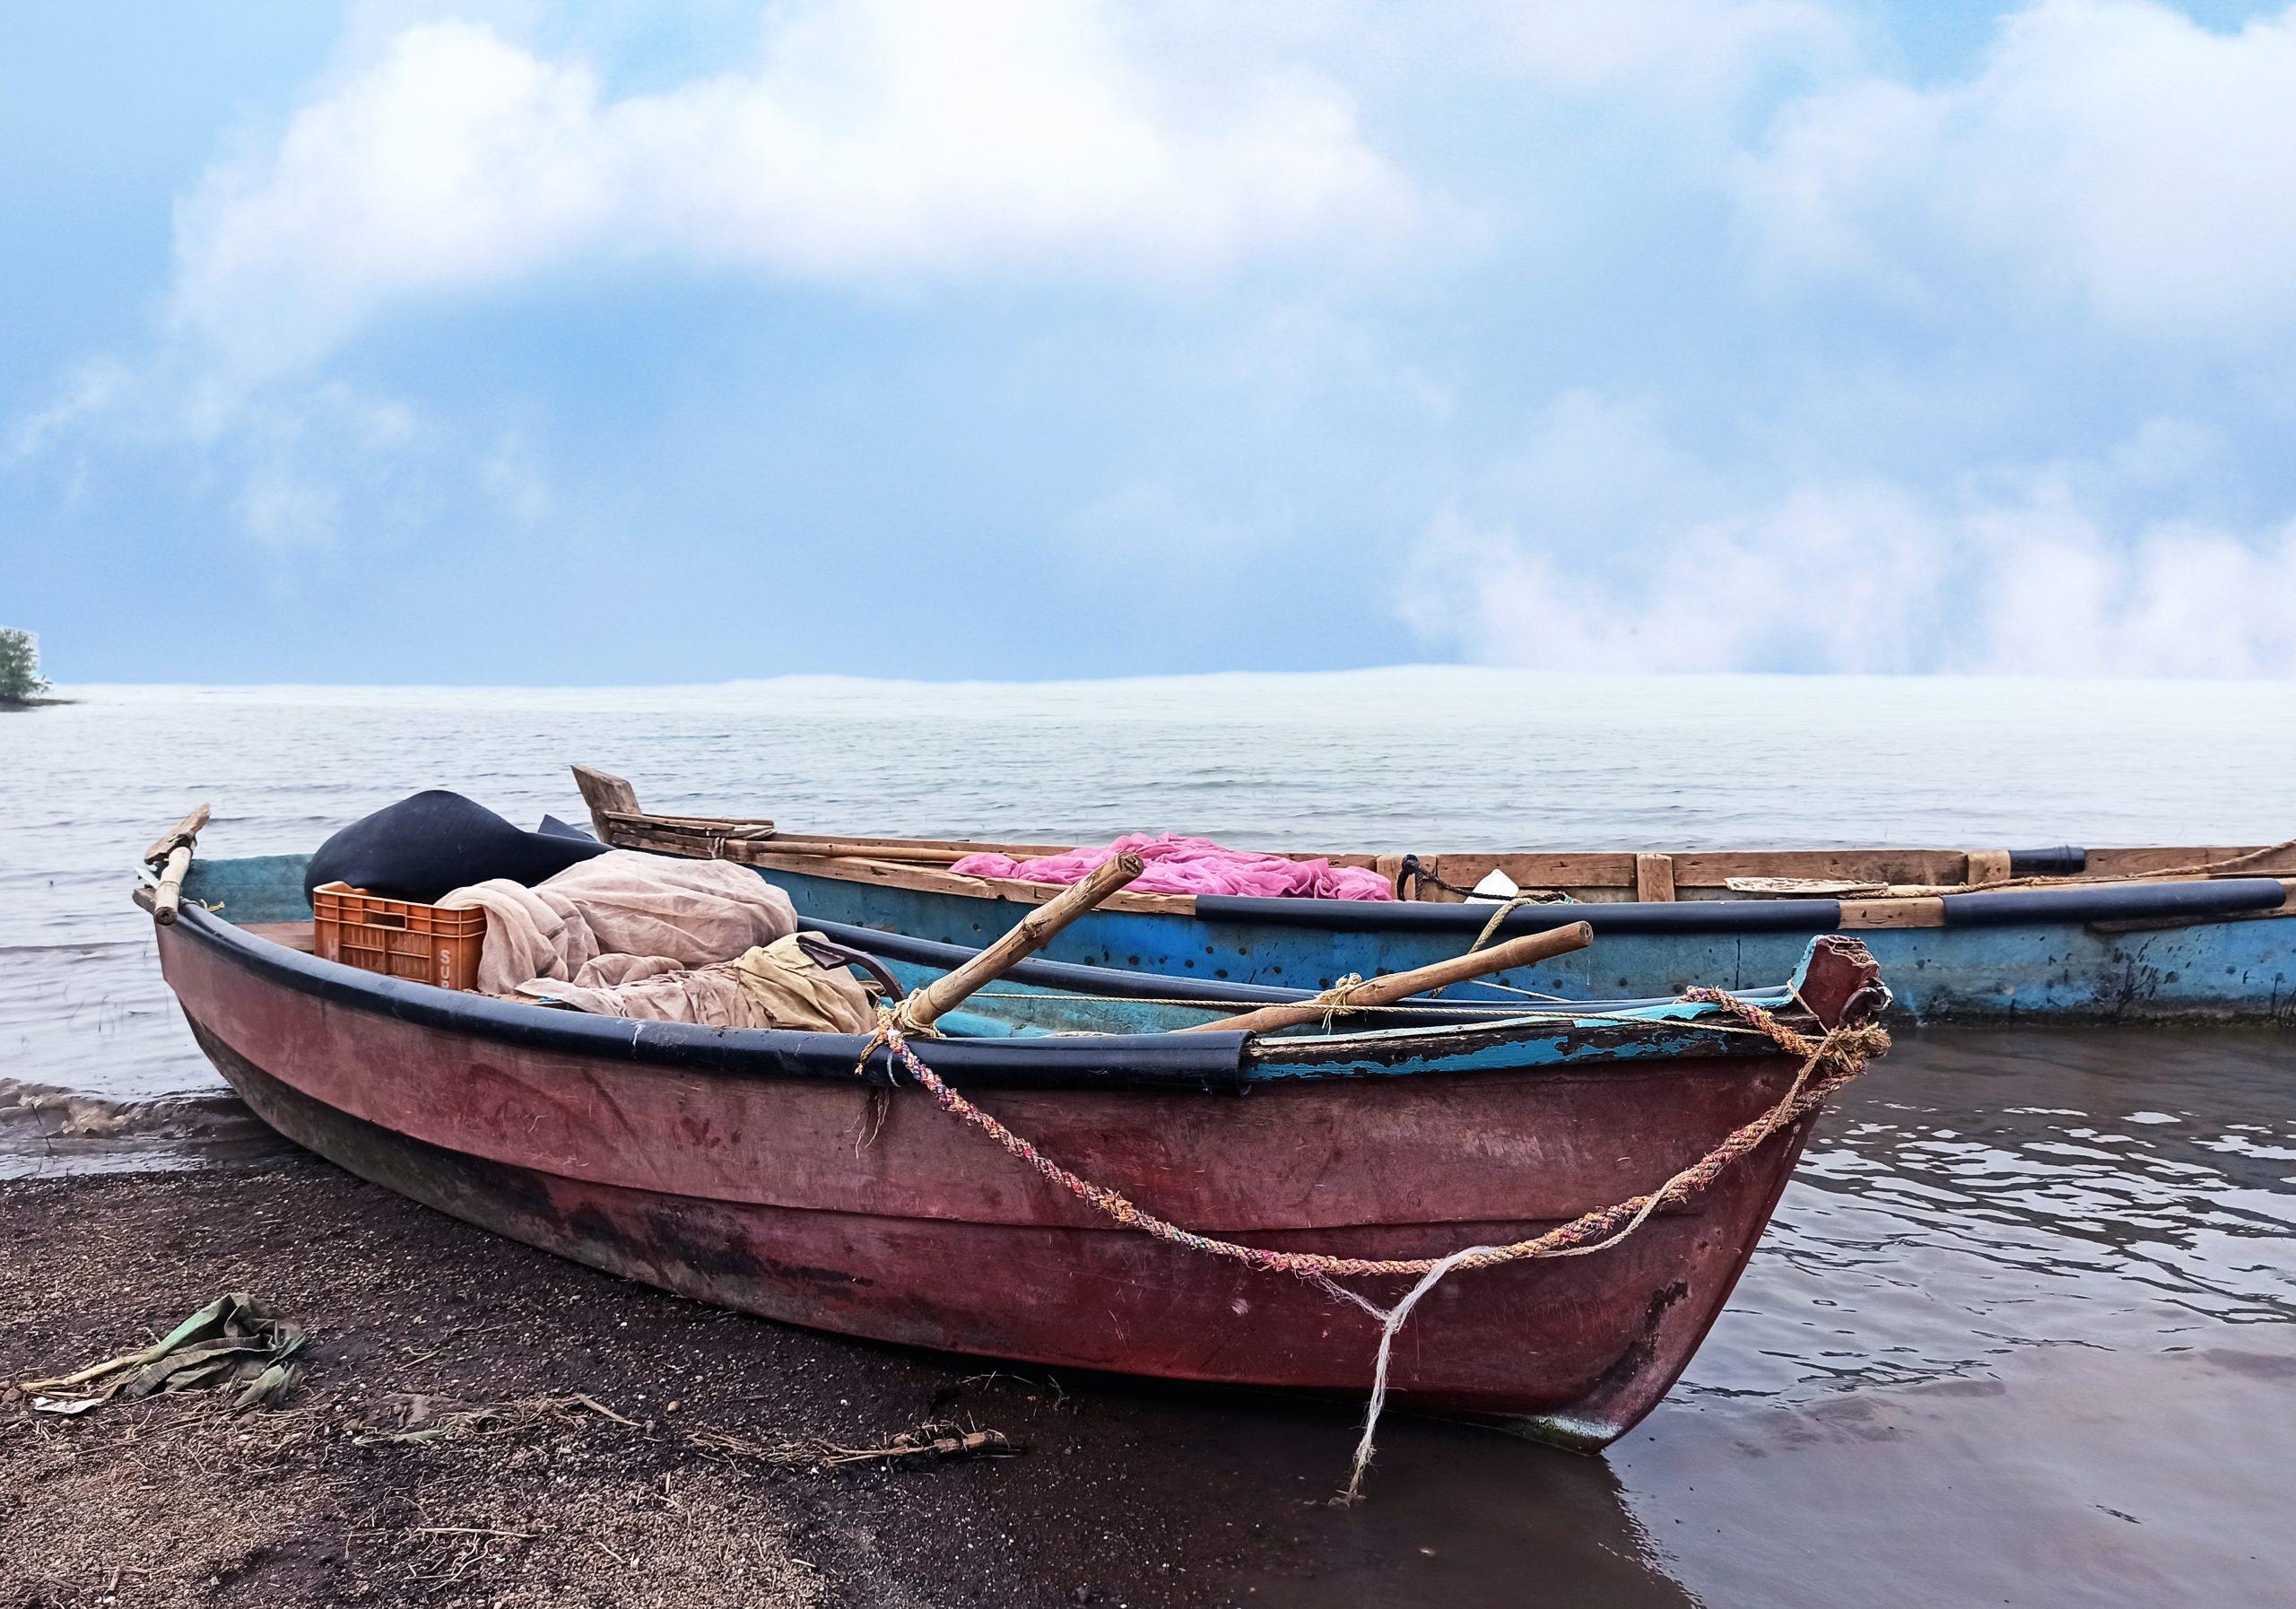 Fishing boats at a shore